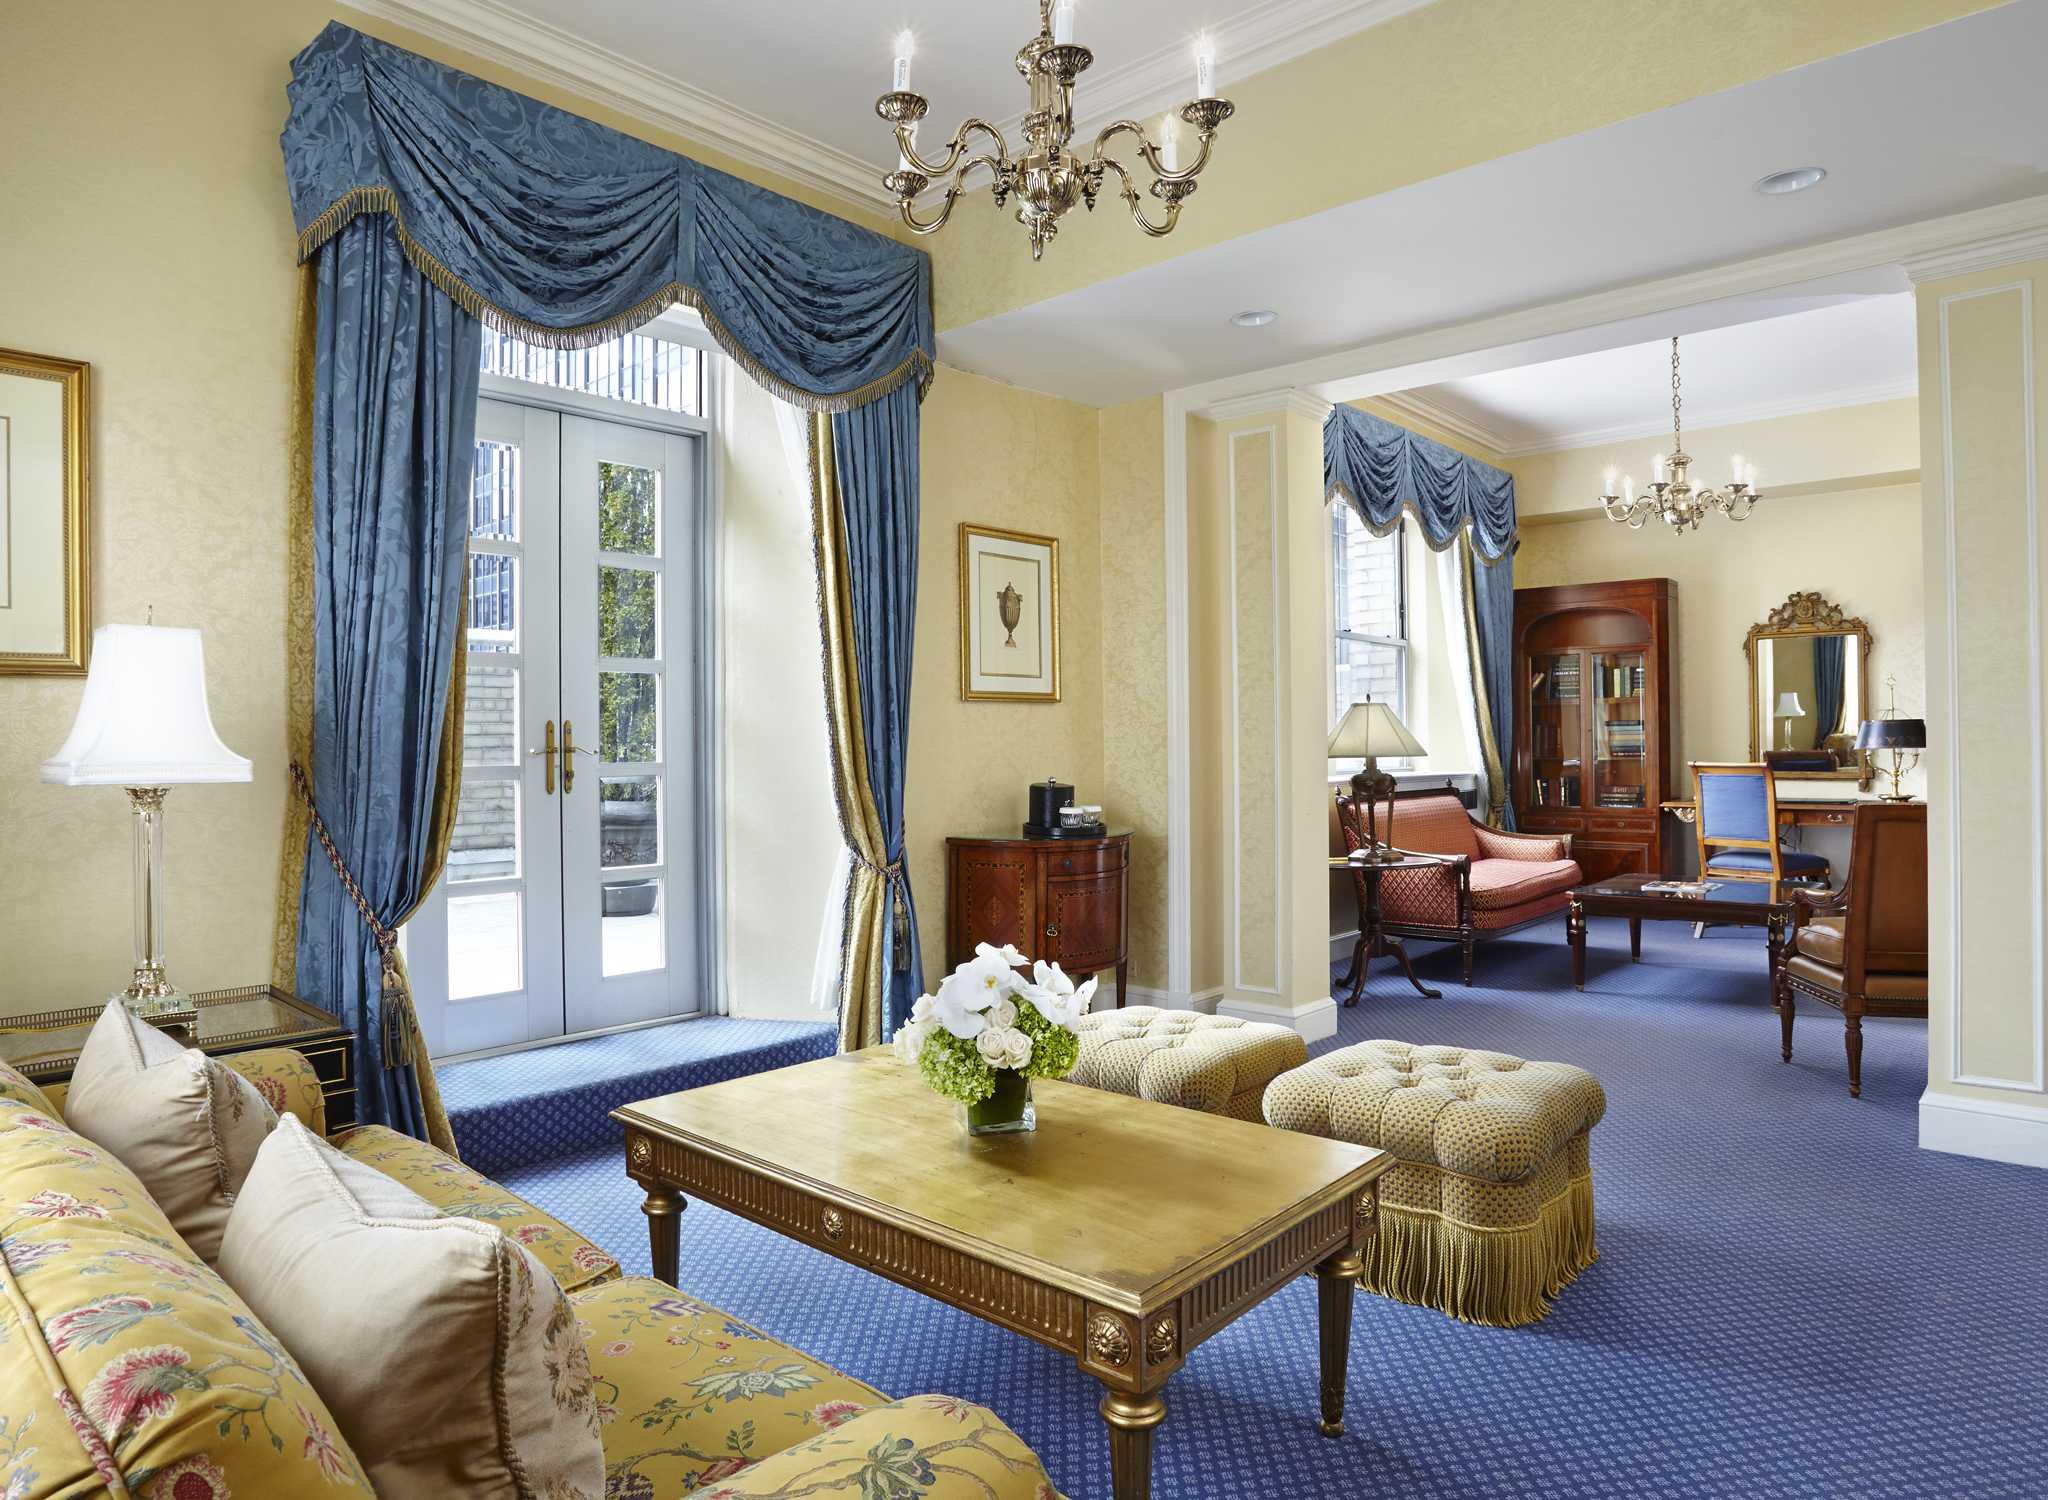 Das waldorf astoria new york 5 sterne luxushotel for Hotel waldorf astoria